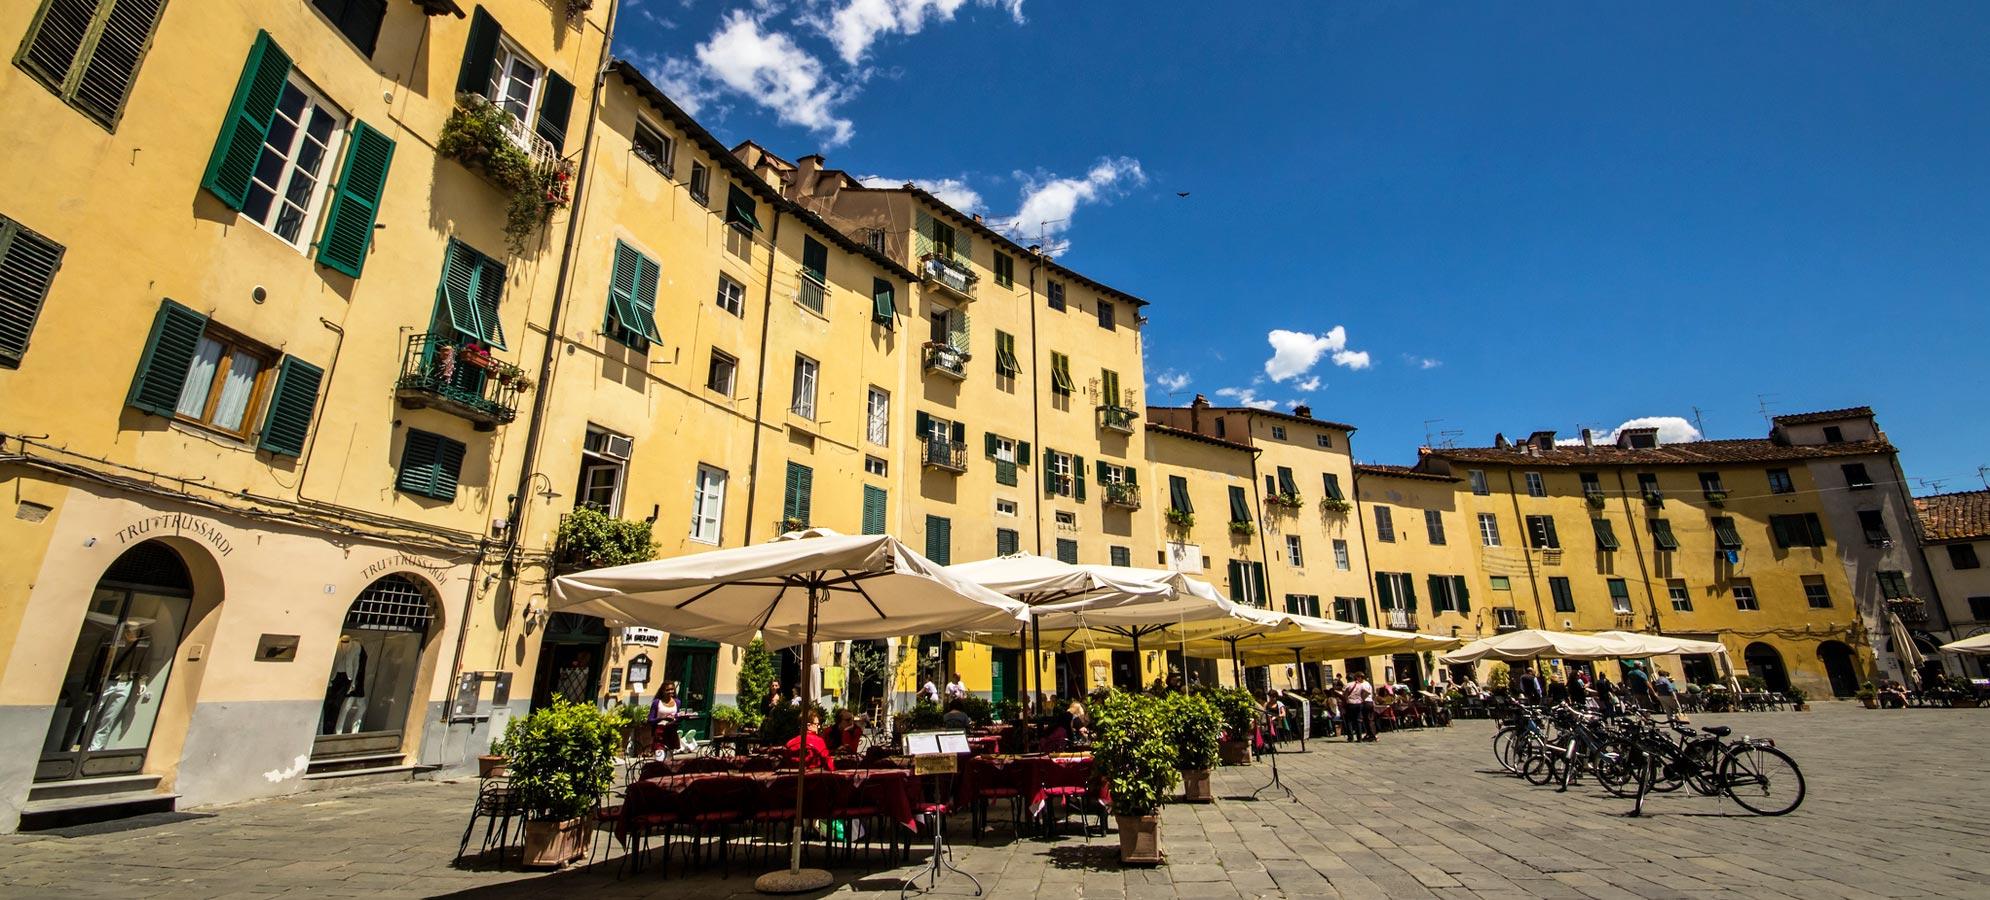 Best Italy Restaurants Lucca